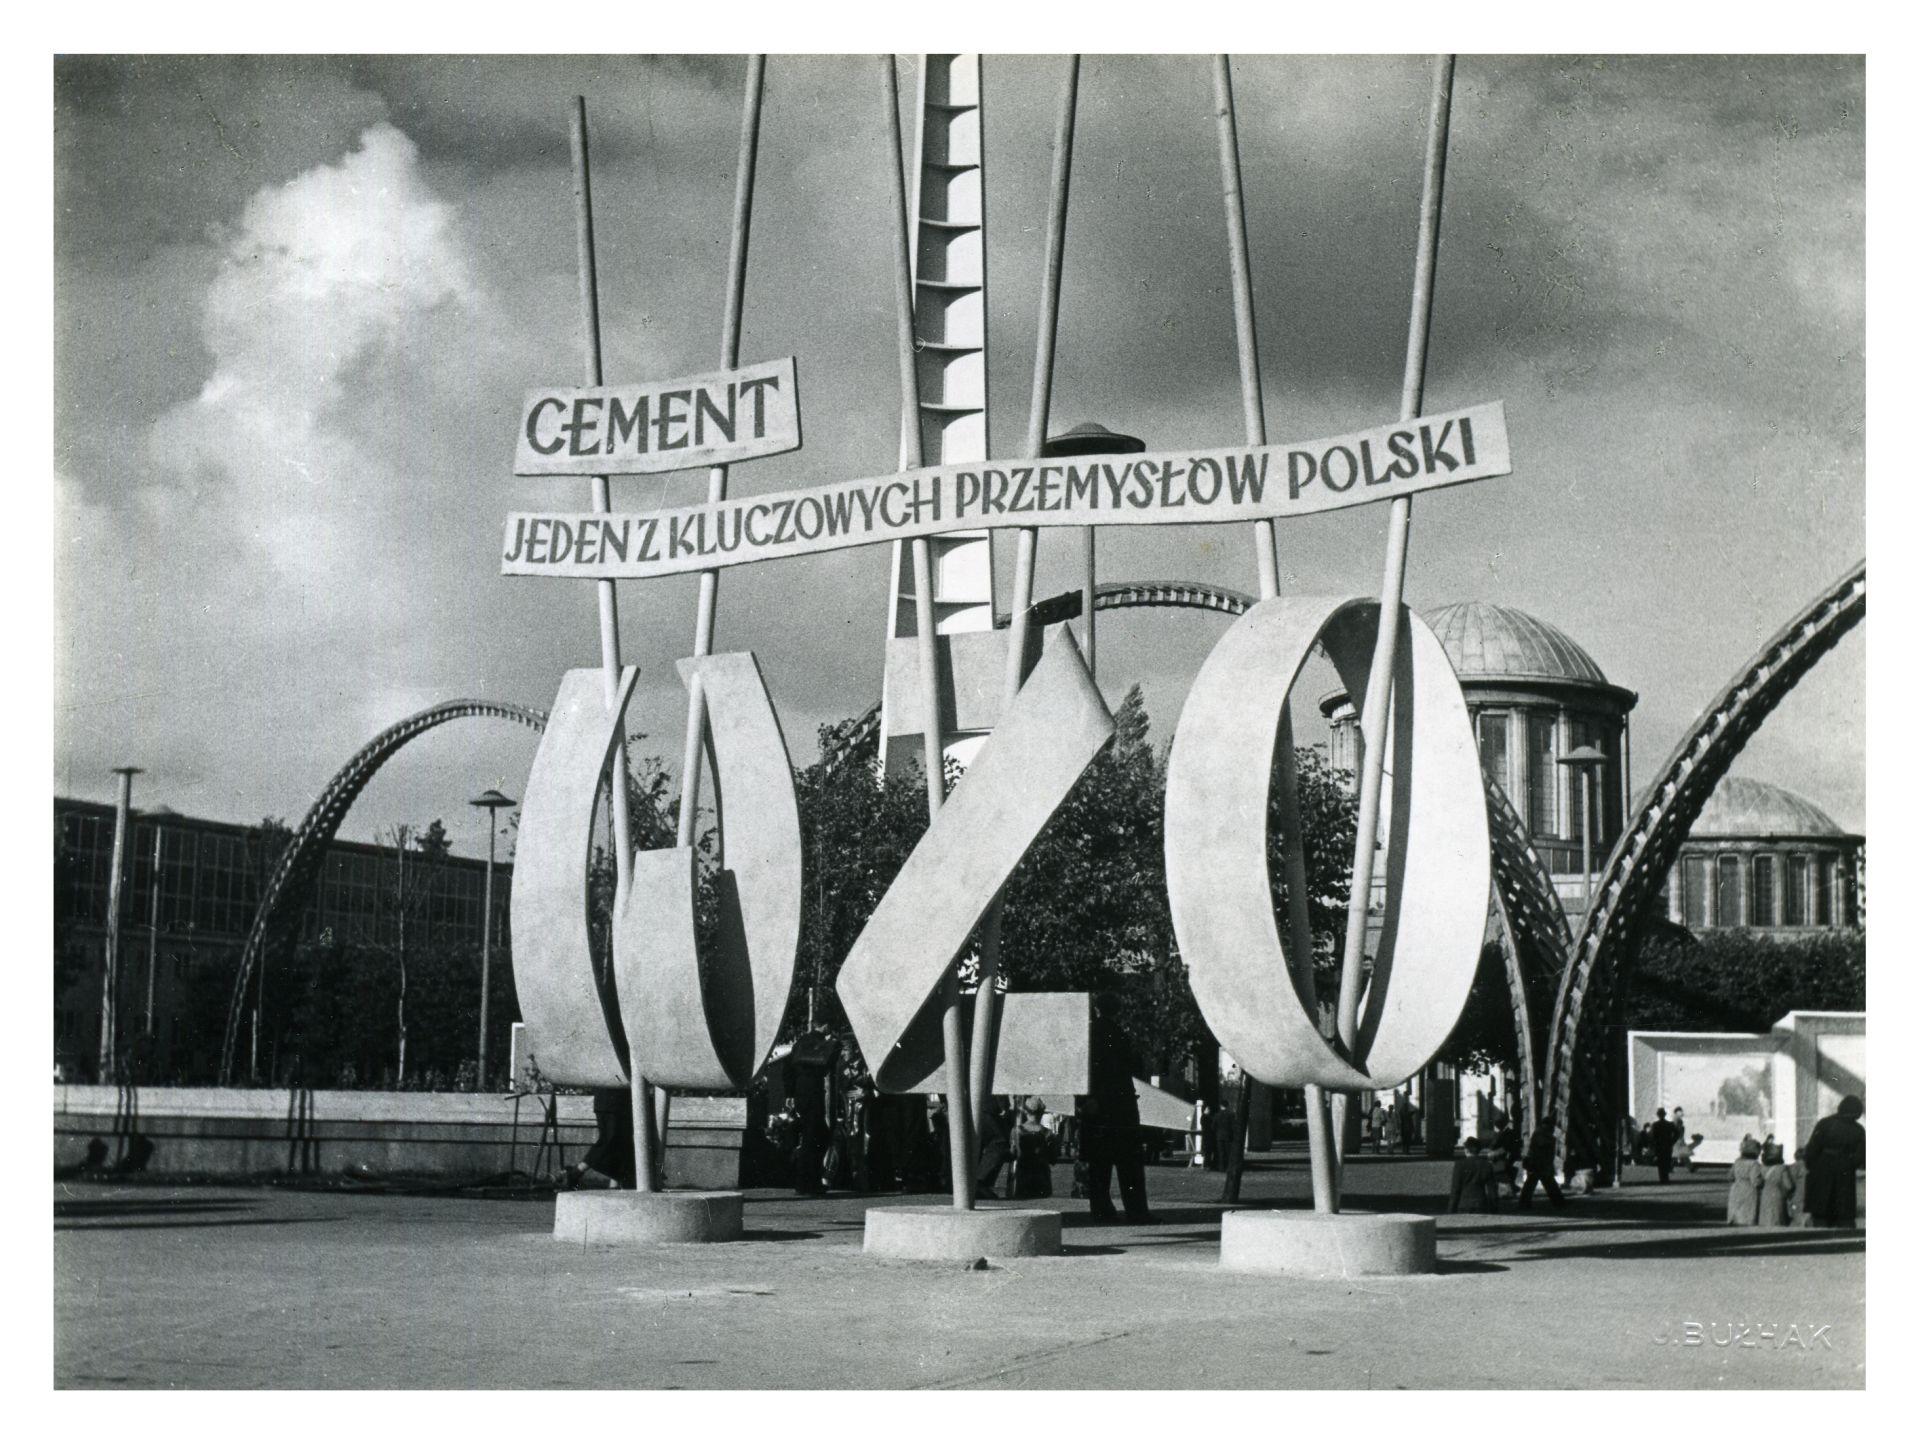 Plac przed Pawilonem Przemysłowym, fotografia Jana Bułhaka, 1948 rok, Muzeum Architektury we Wrocławiu (źródło: materiały prasowe organizatora)